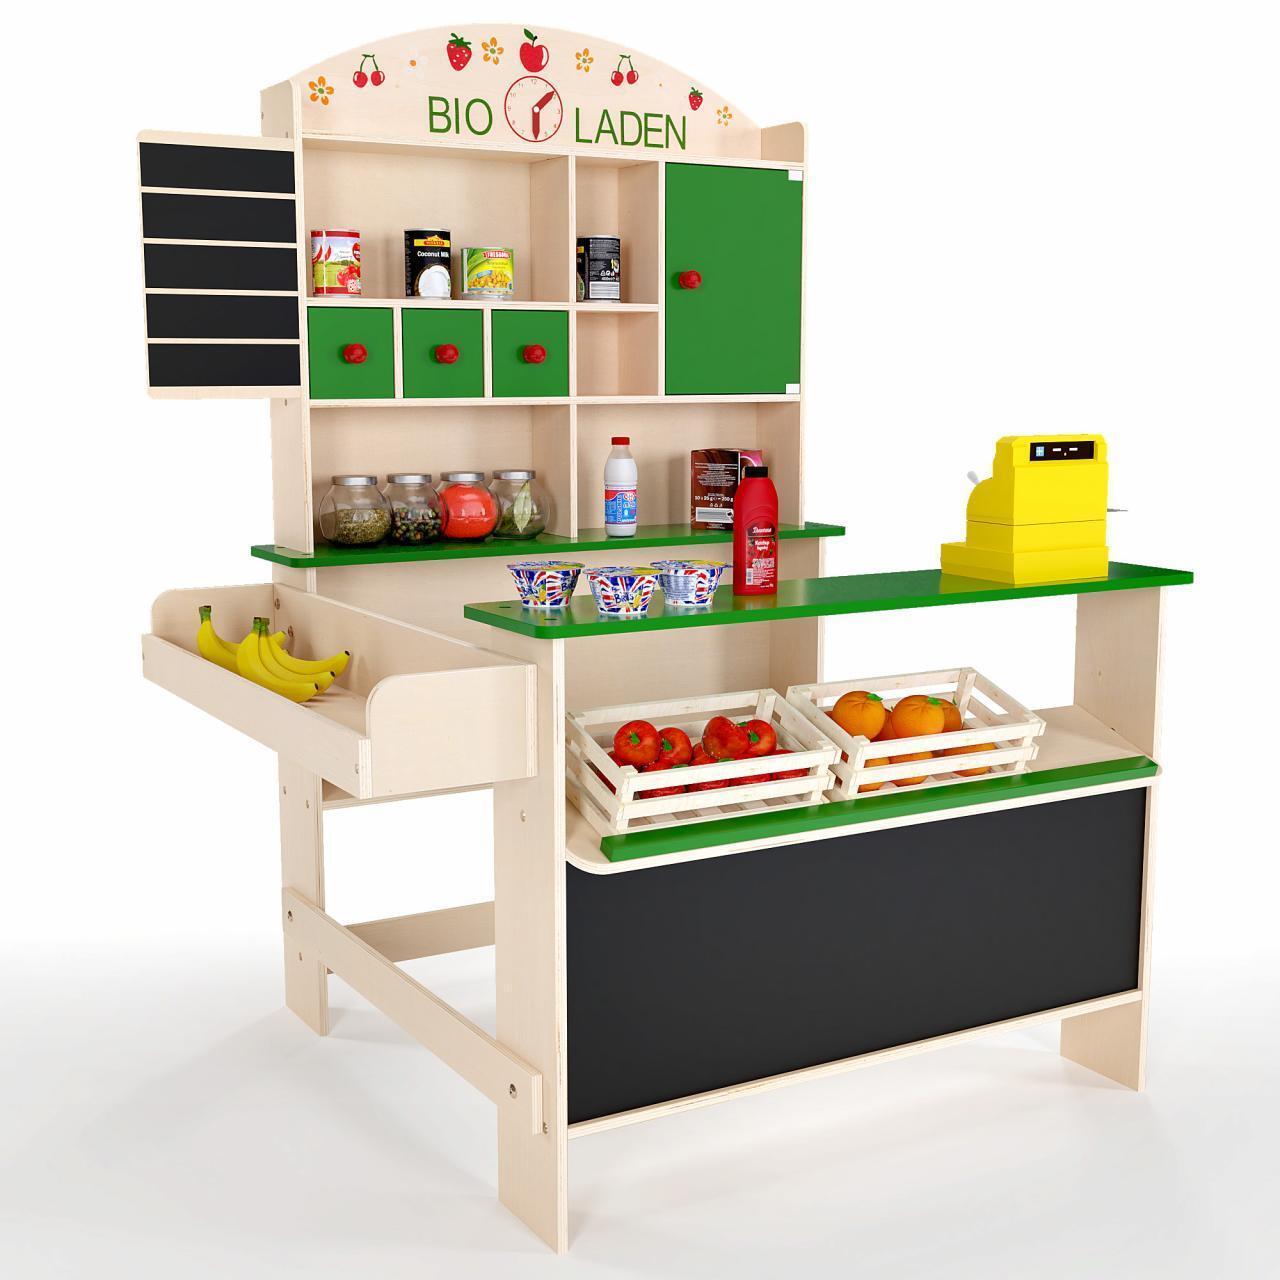 Froggy Kaufmannsladen Holz Kaufladen Bioladen Kinderladen Laden Kinder Grün  | Vielfalt